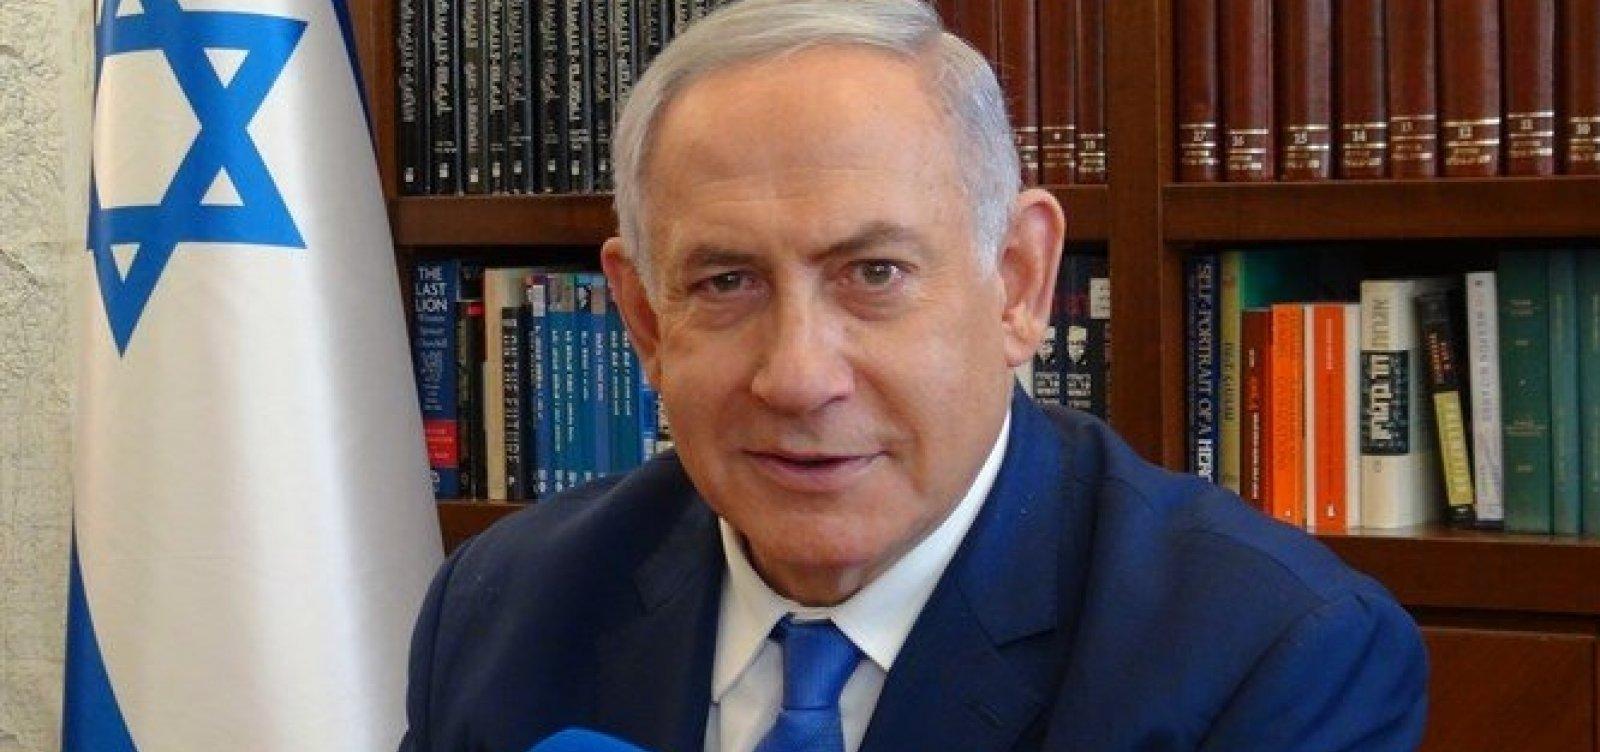 Netanyahu renuncia ao cargo de primeiro-ministro e desiste de formar governo em Israel